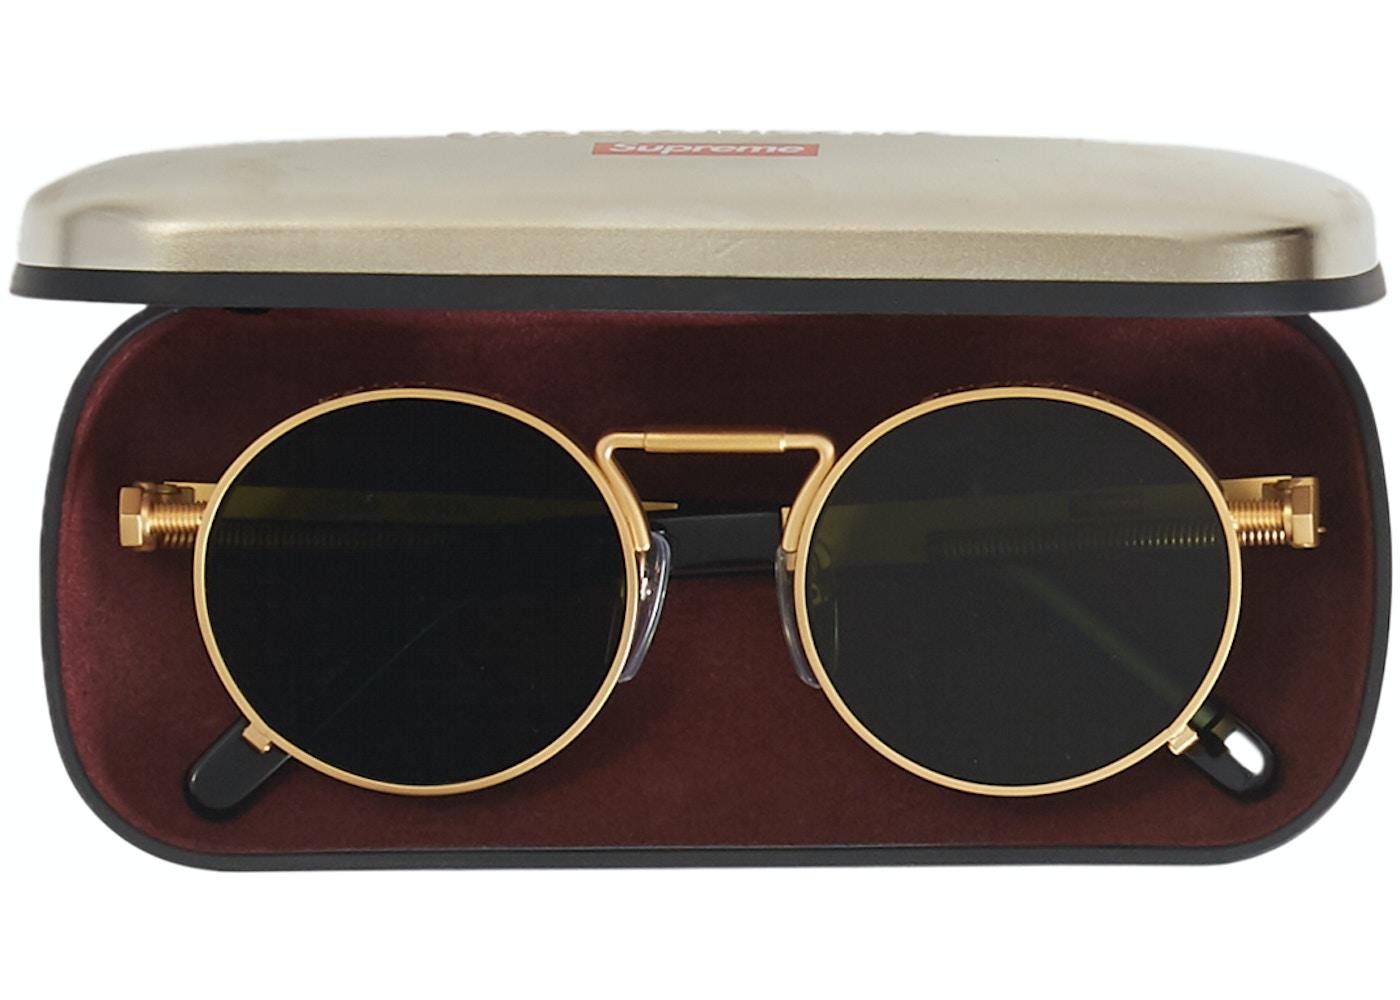 531c429d691a2 Streetwear - Supreme Accessories - Release Date